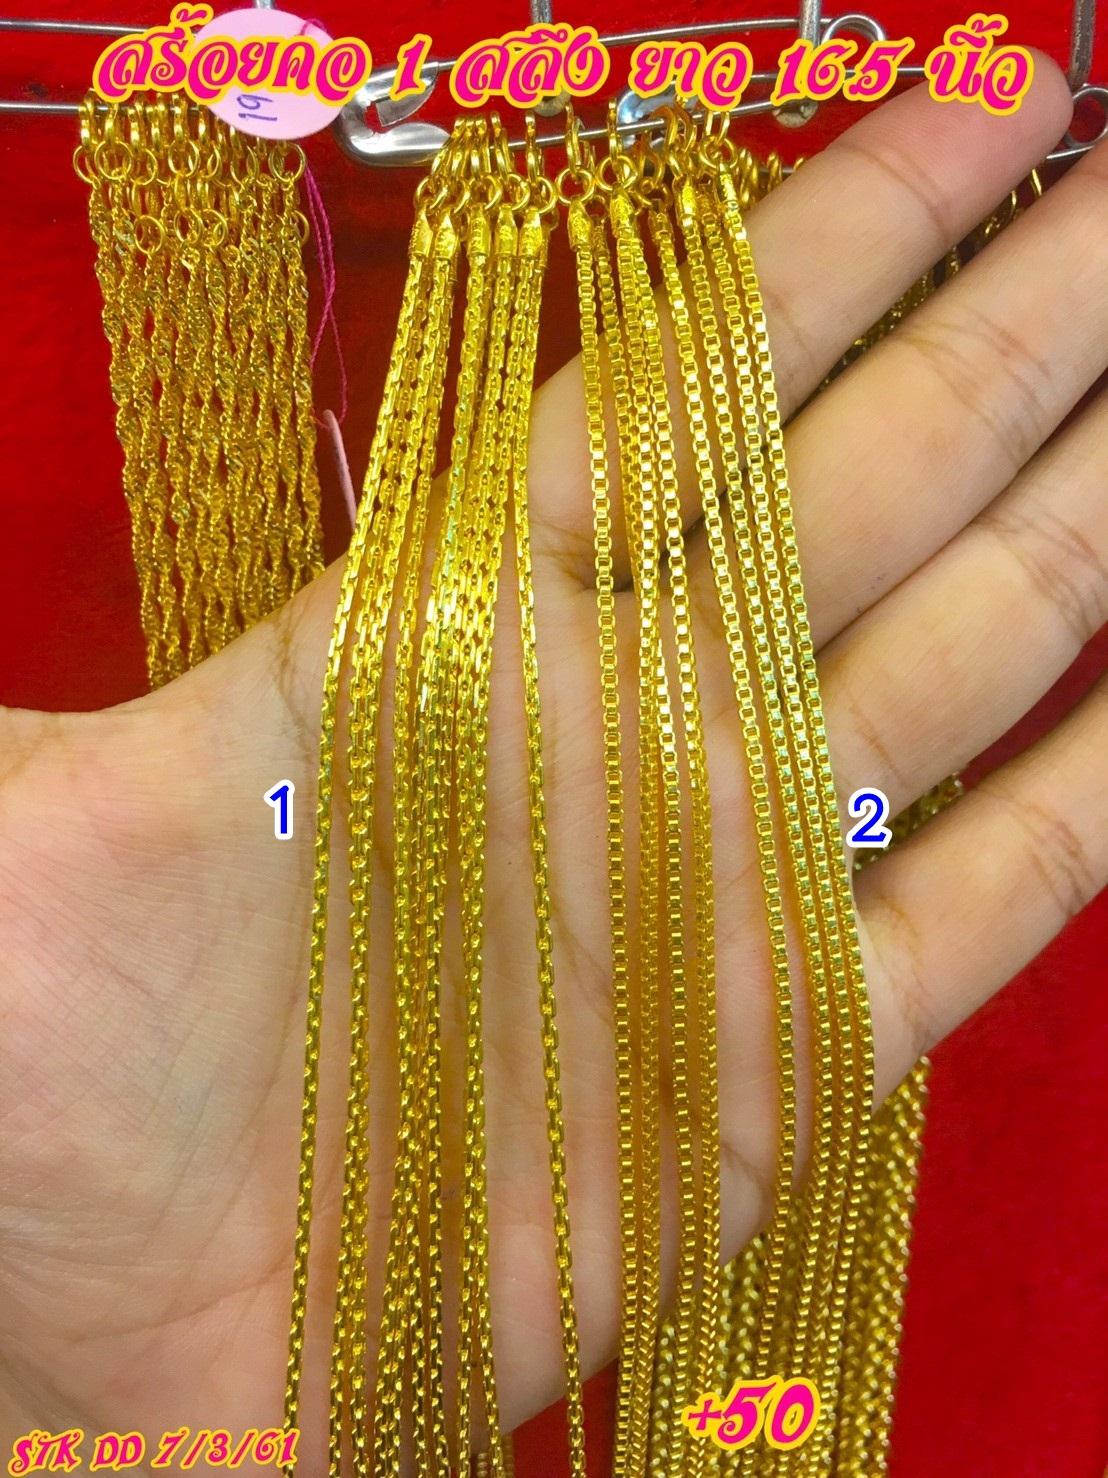 สร้อยคอทองแท้ 96.5% ลายโซ่ฝั่ง หนัก 1 สลึง (3.8 กรัม)